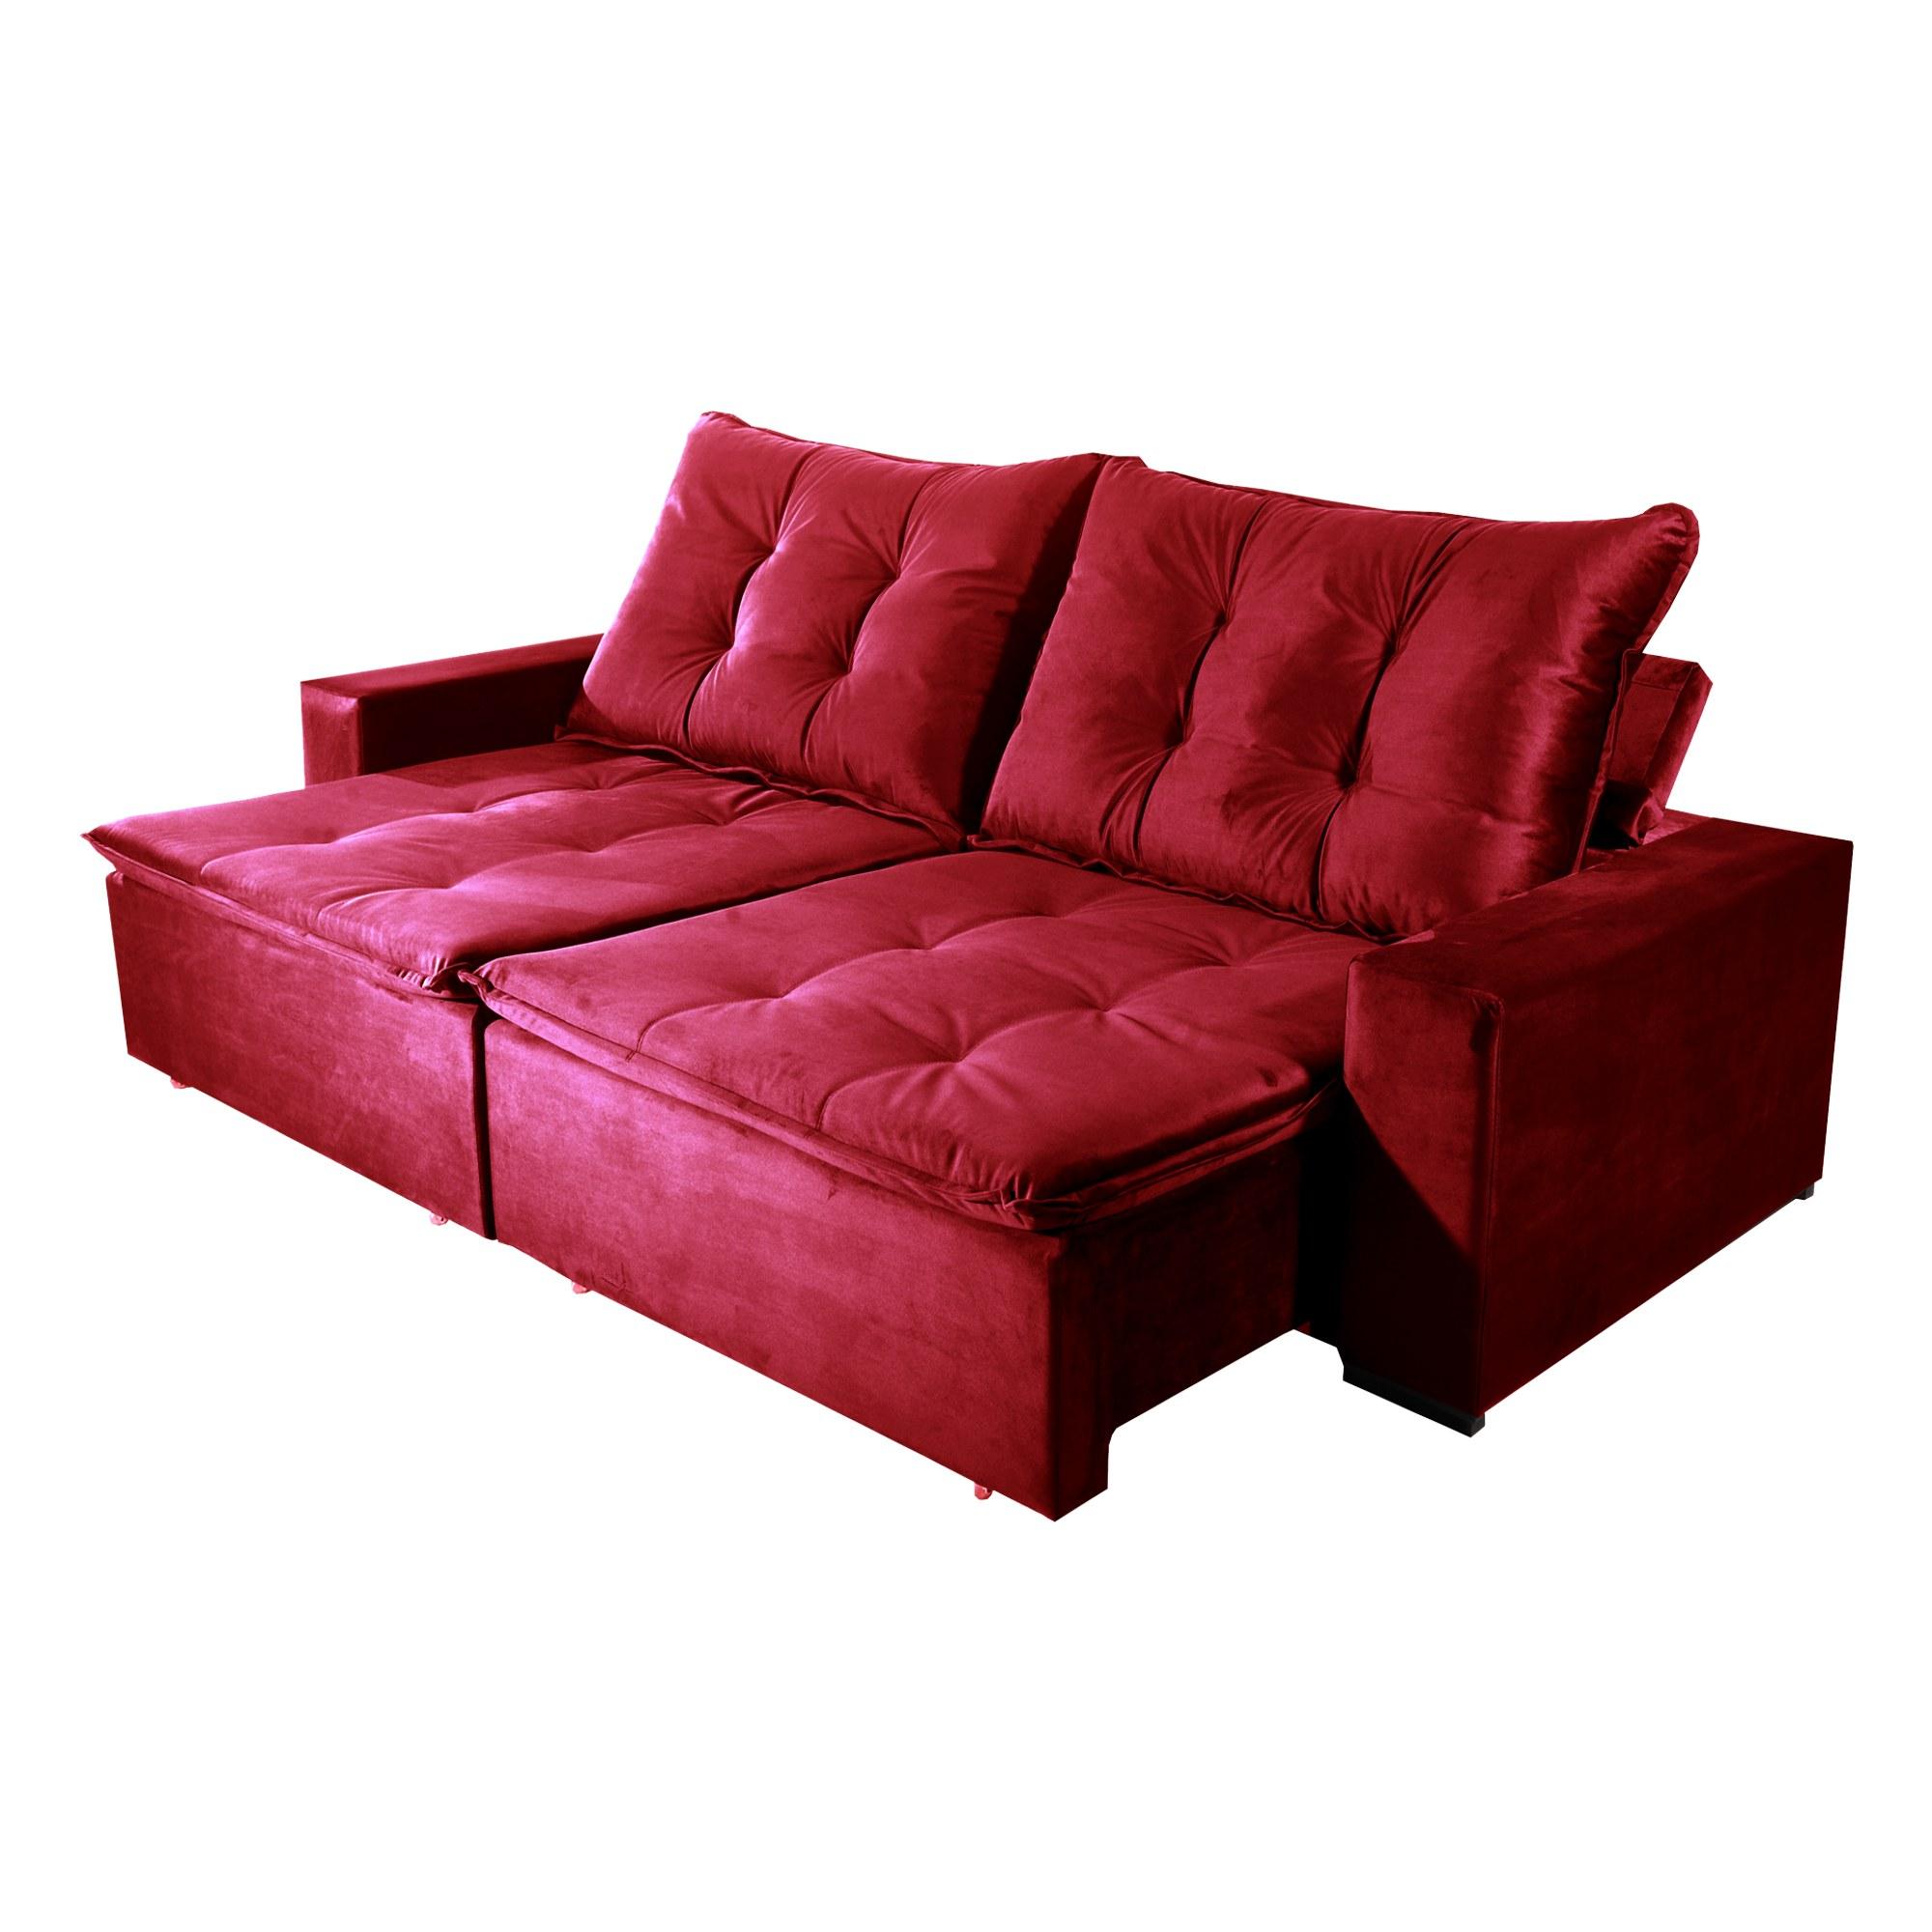 Sofá Retrátil e Reclinável Bom Pastor Stella 4 Lugares 2,50m Veludo Luxo Vermelho